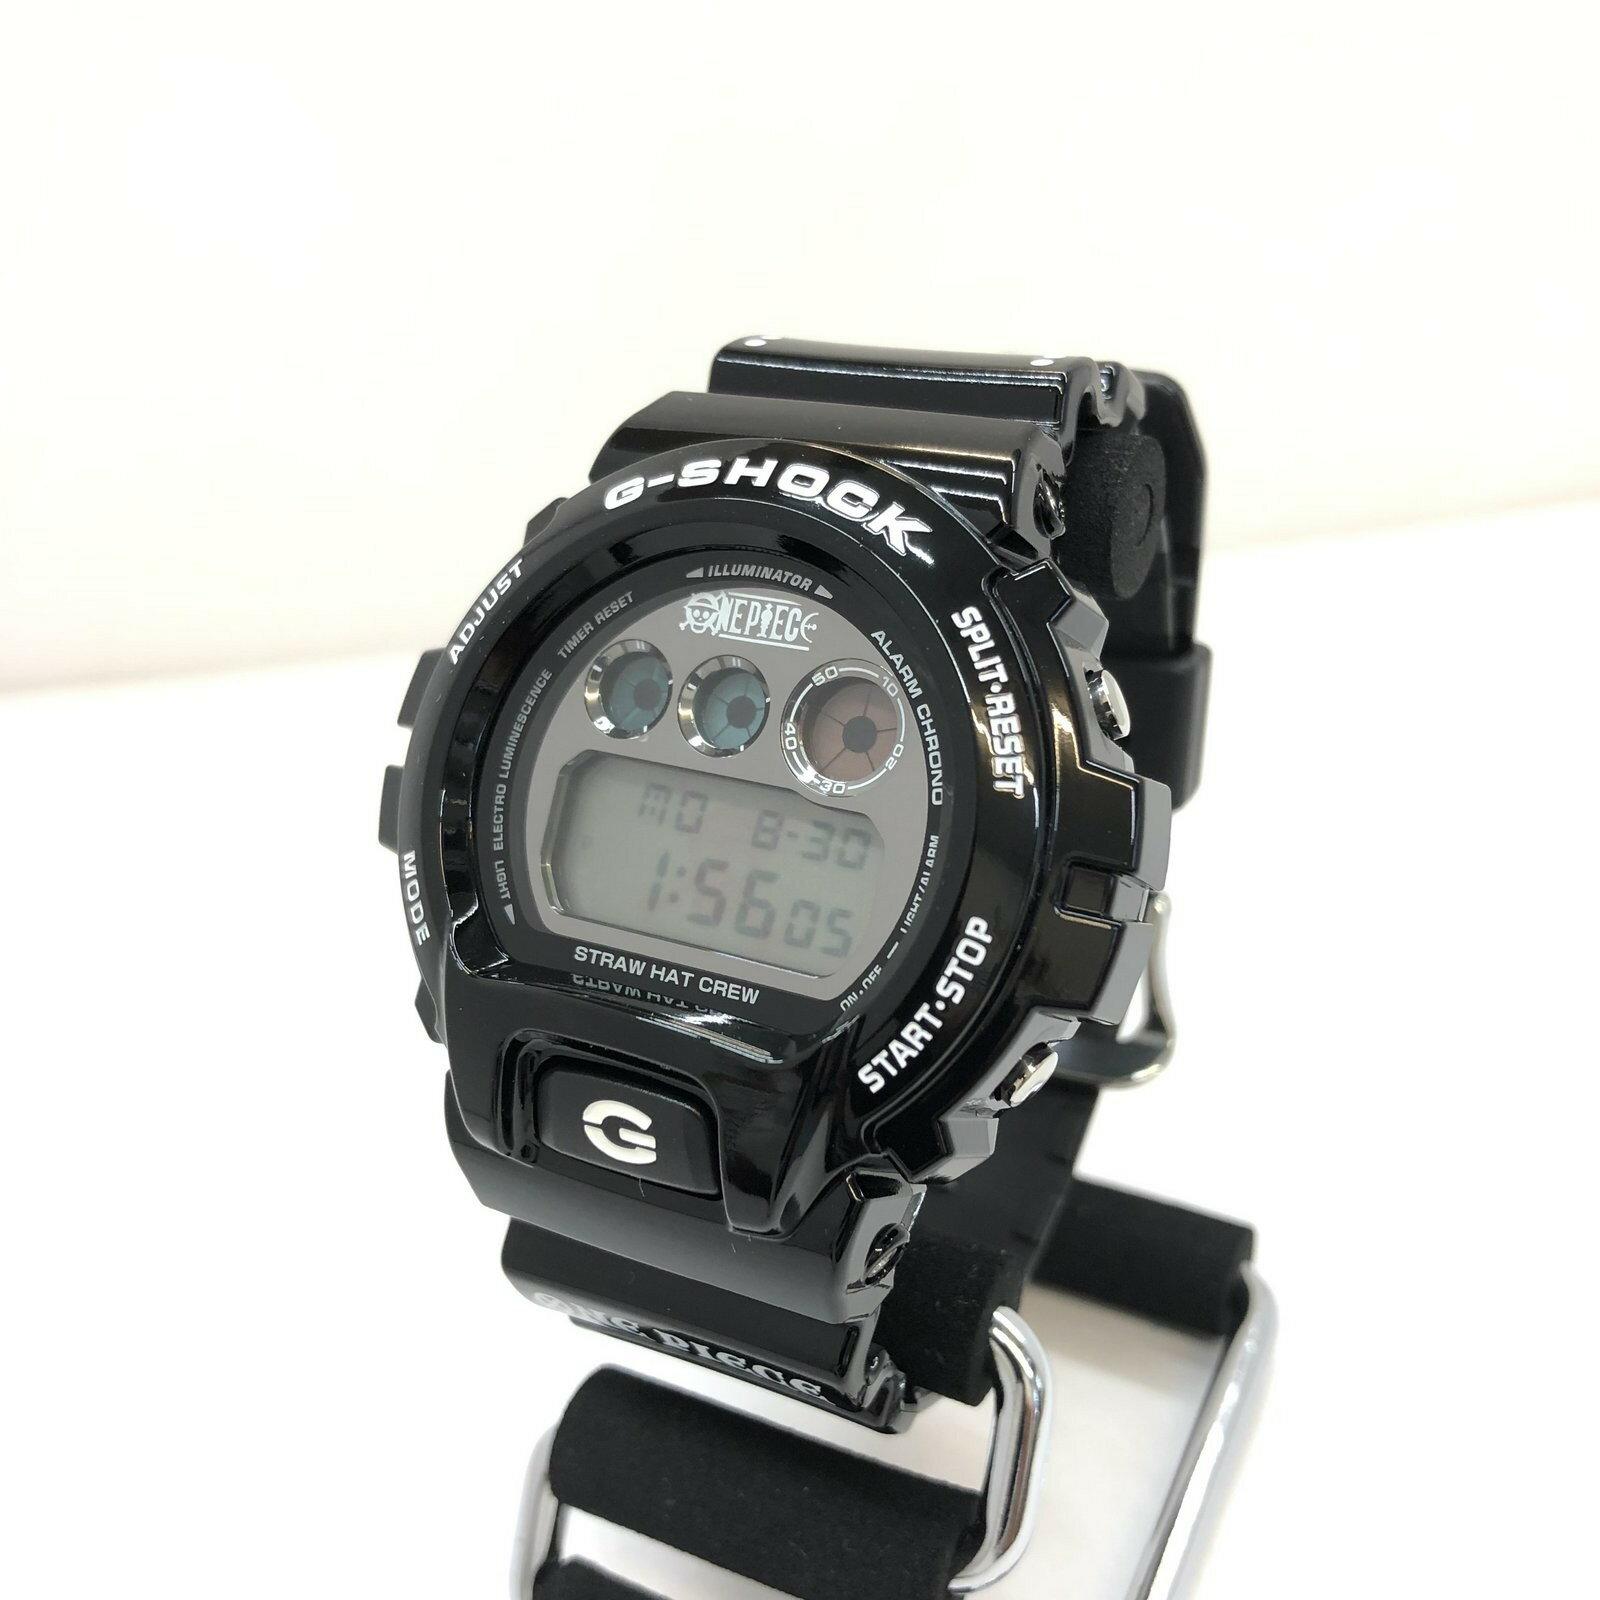 腕時計, メンズ腕時計 G-SHOCK CASIO DW-6900FS ONE PIECE T ITAOQDTQYAFO RY5145